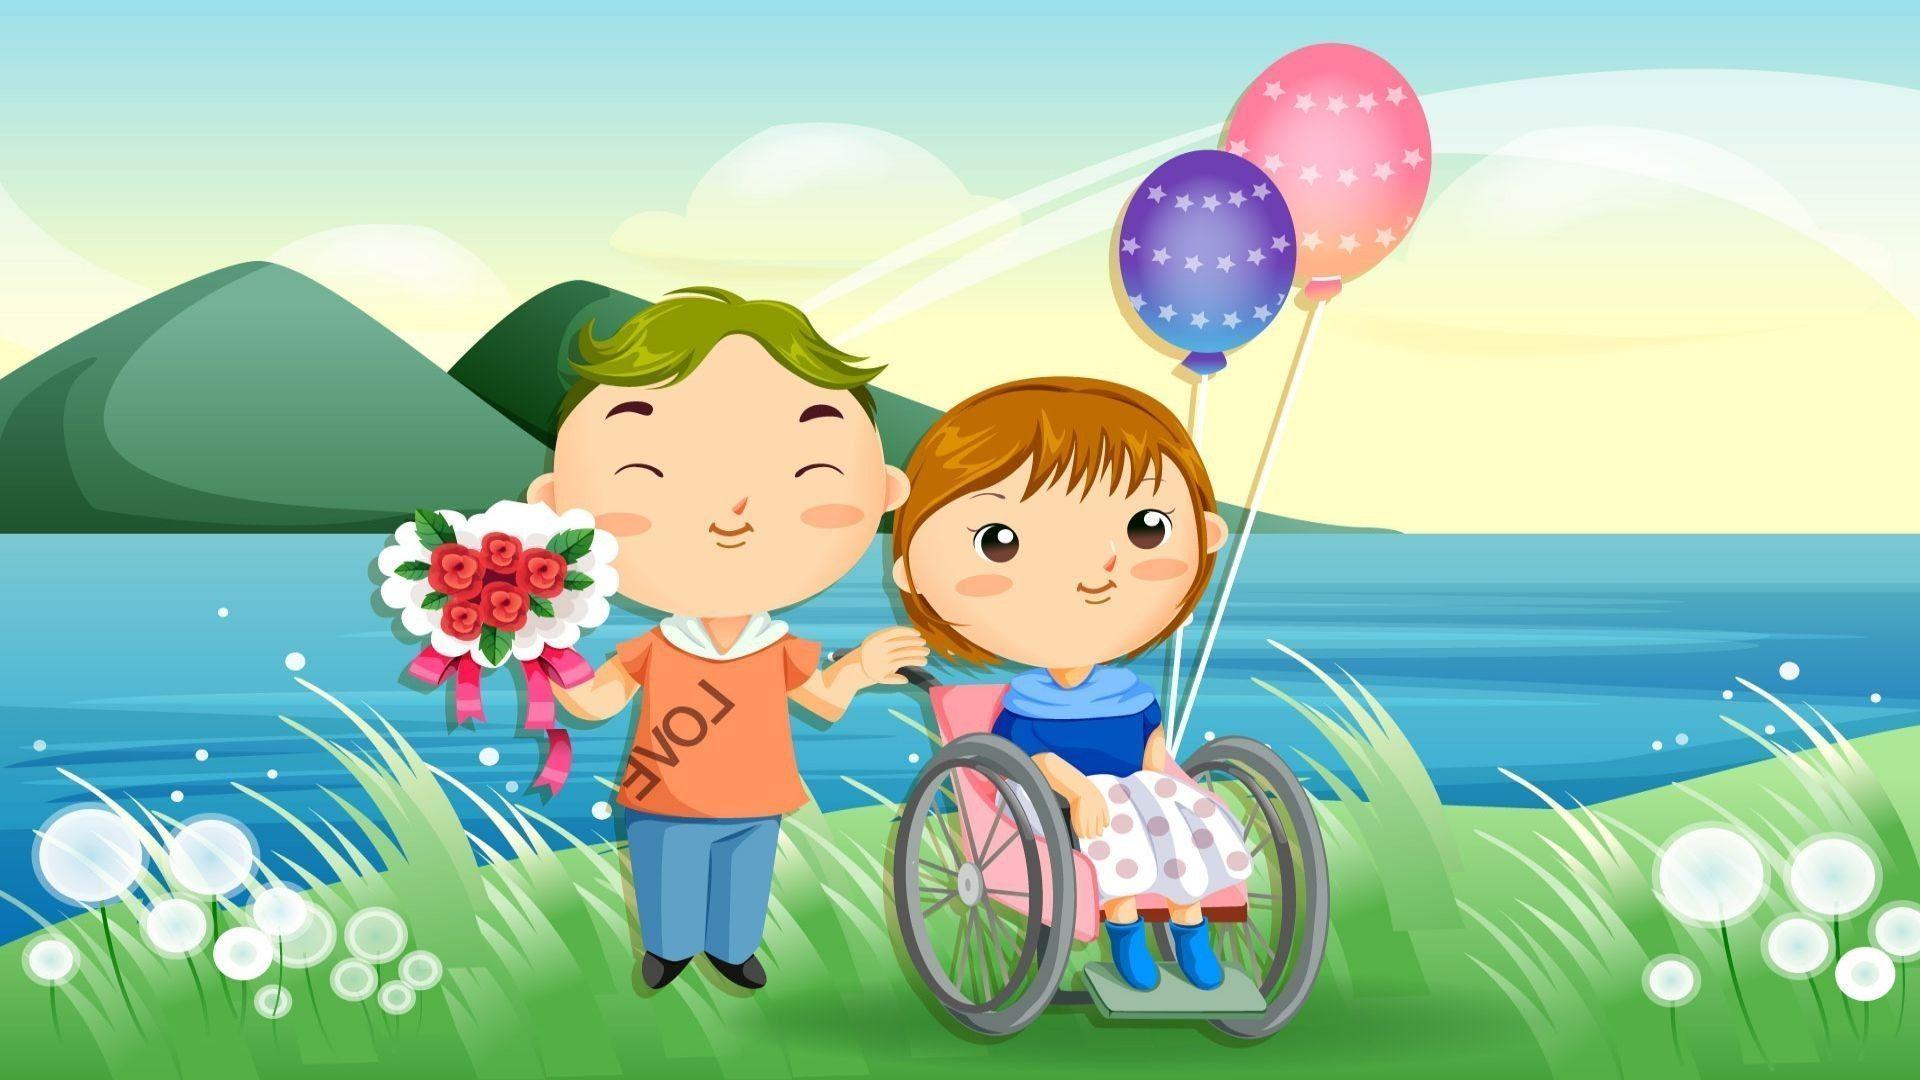 In summer hd wallpaper download cartoon wallpaper html code - Cute Cartoons Wallpapers For Girls Cartoons Pinterest